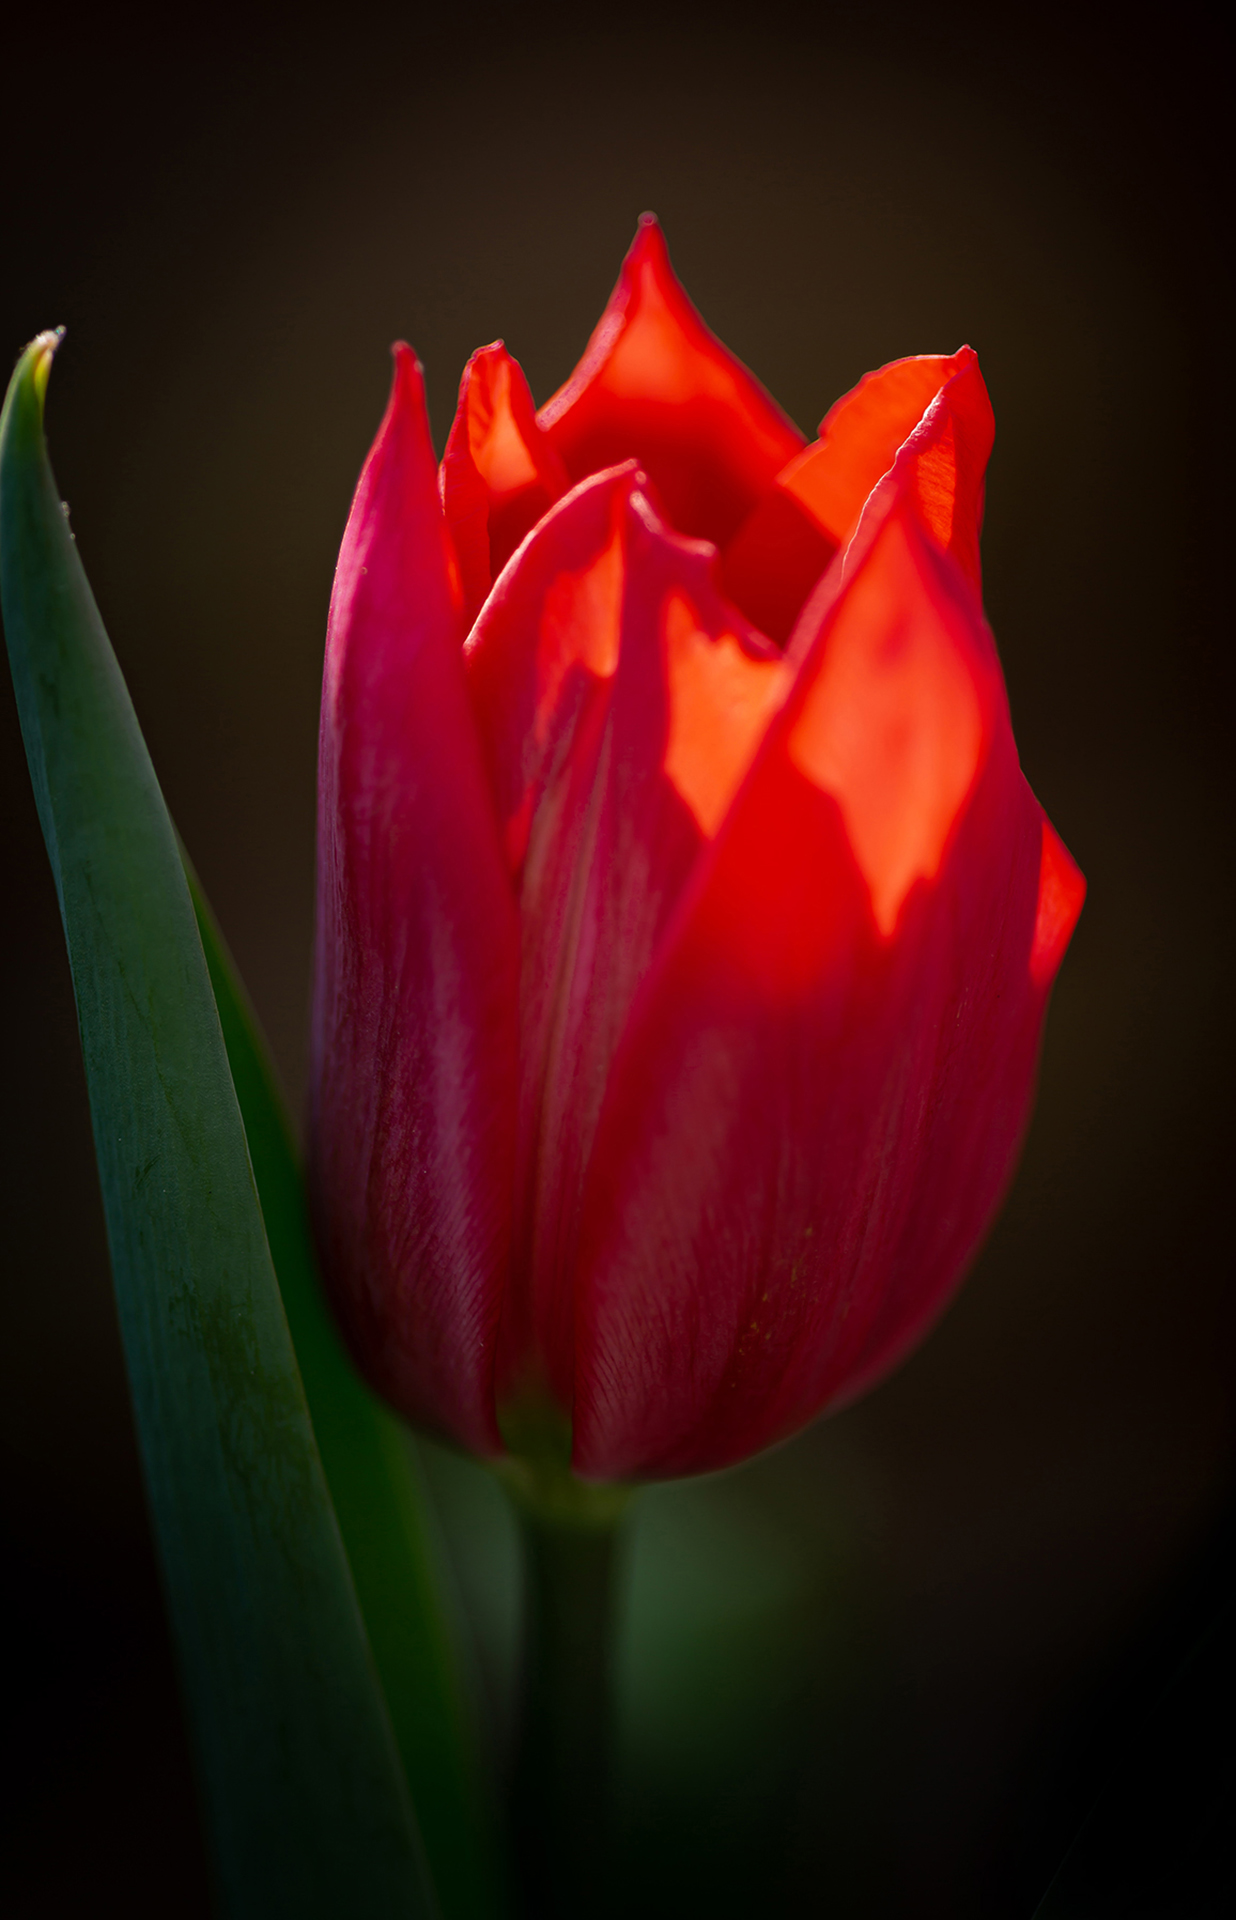 red tulip (1 of 1)